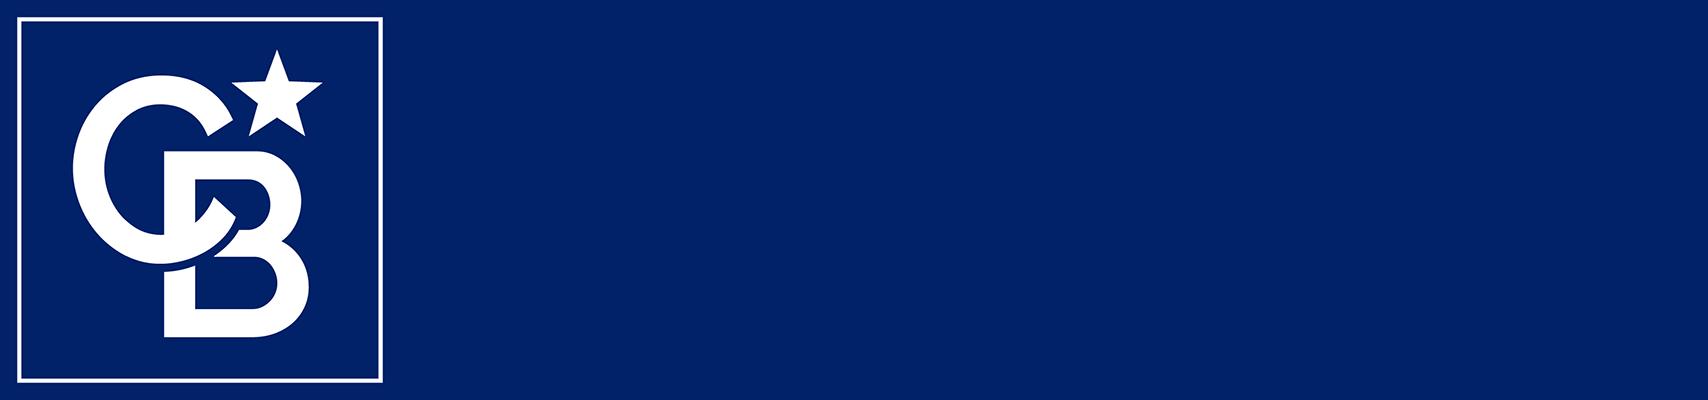 CBCR01 Logo